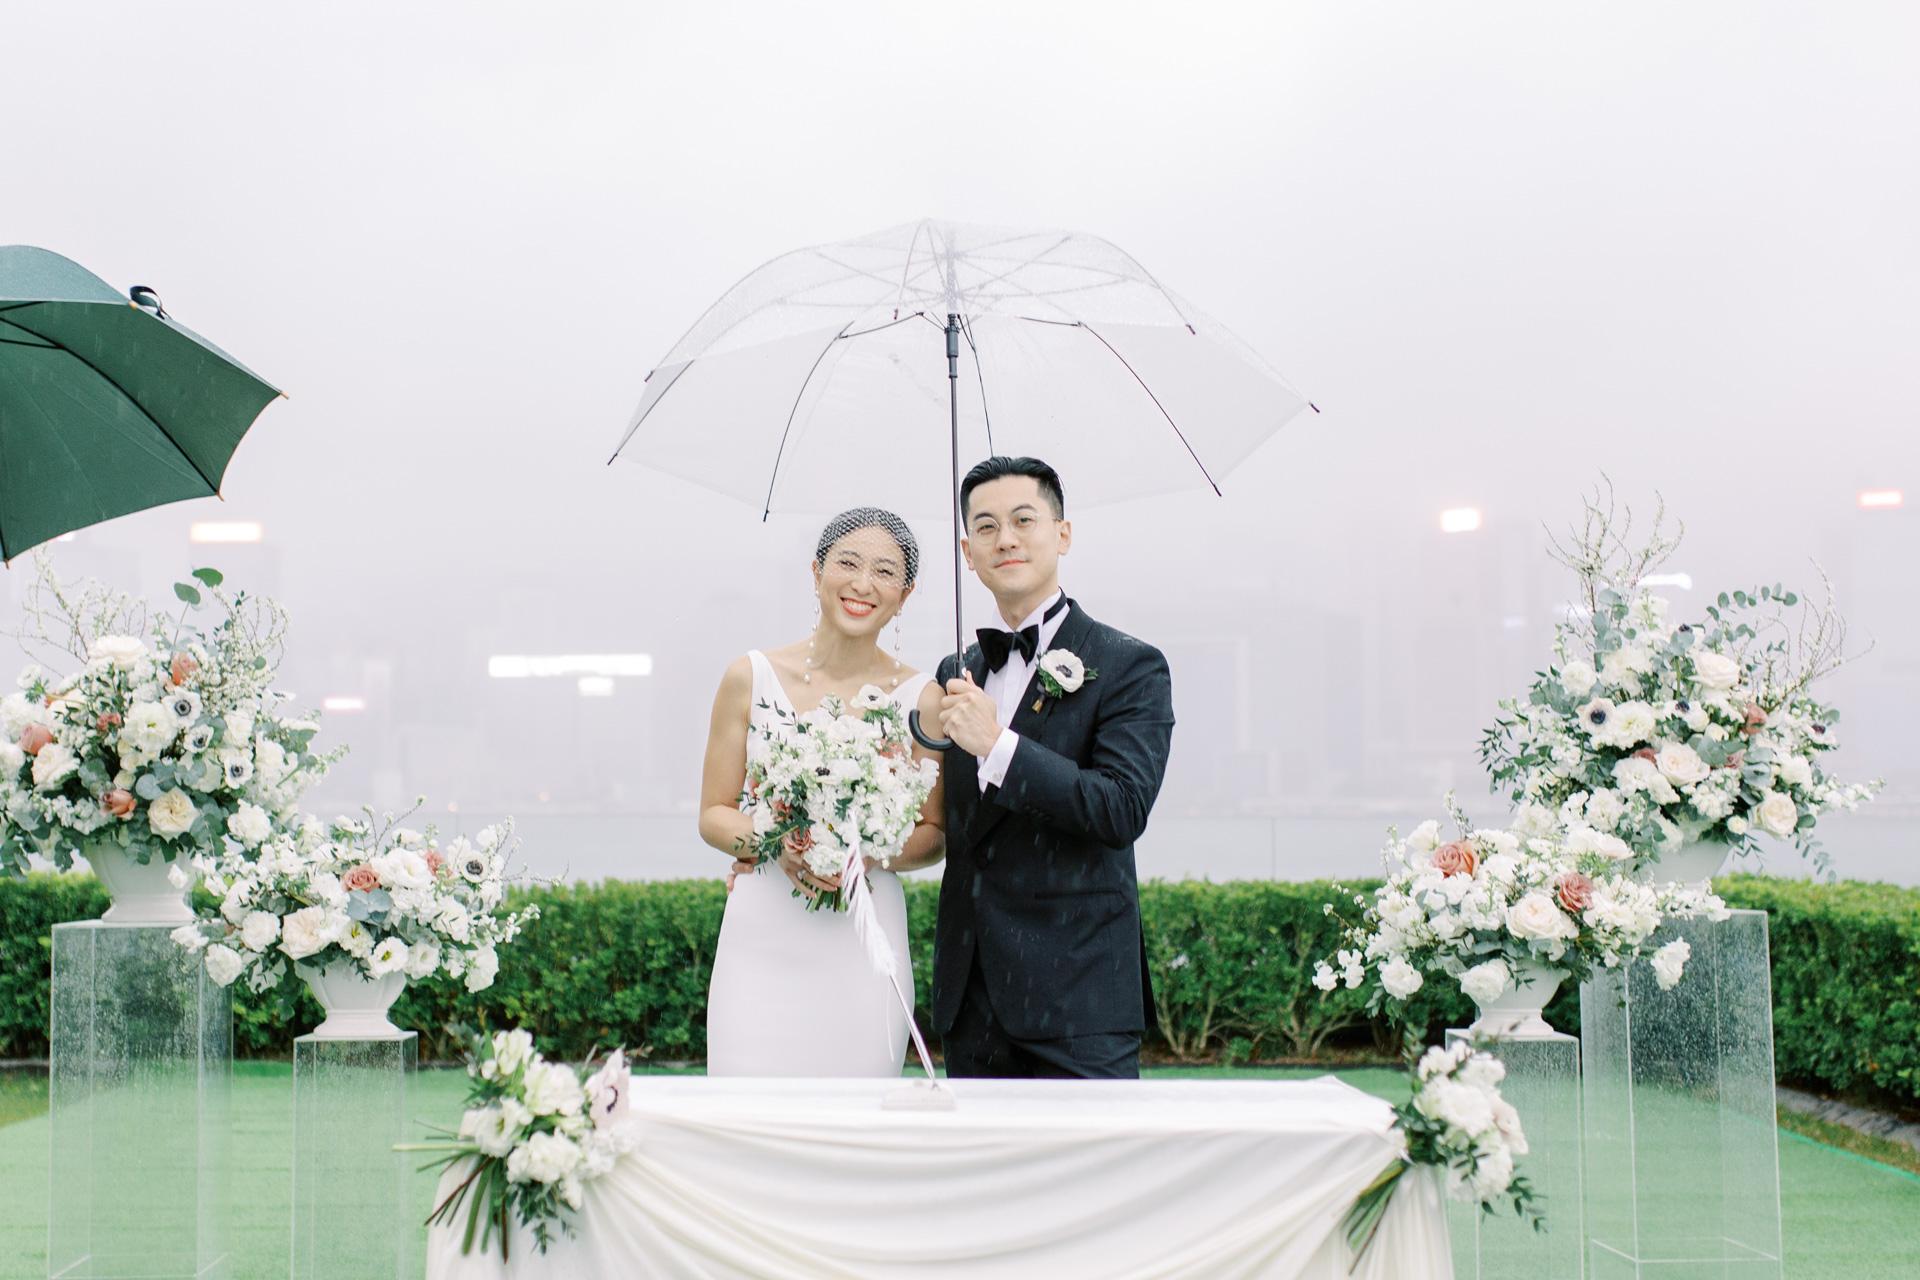 nikkiloveu-hongkong-wedding-day-hexa-ant-cat-lauhaus-025.jpg